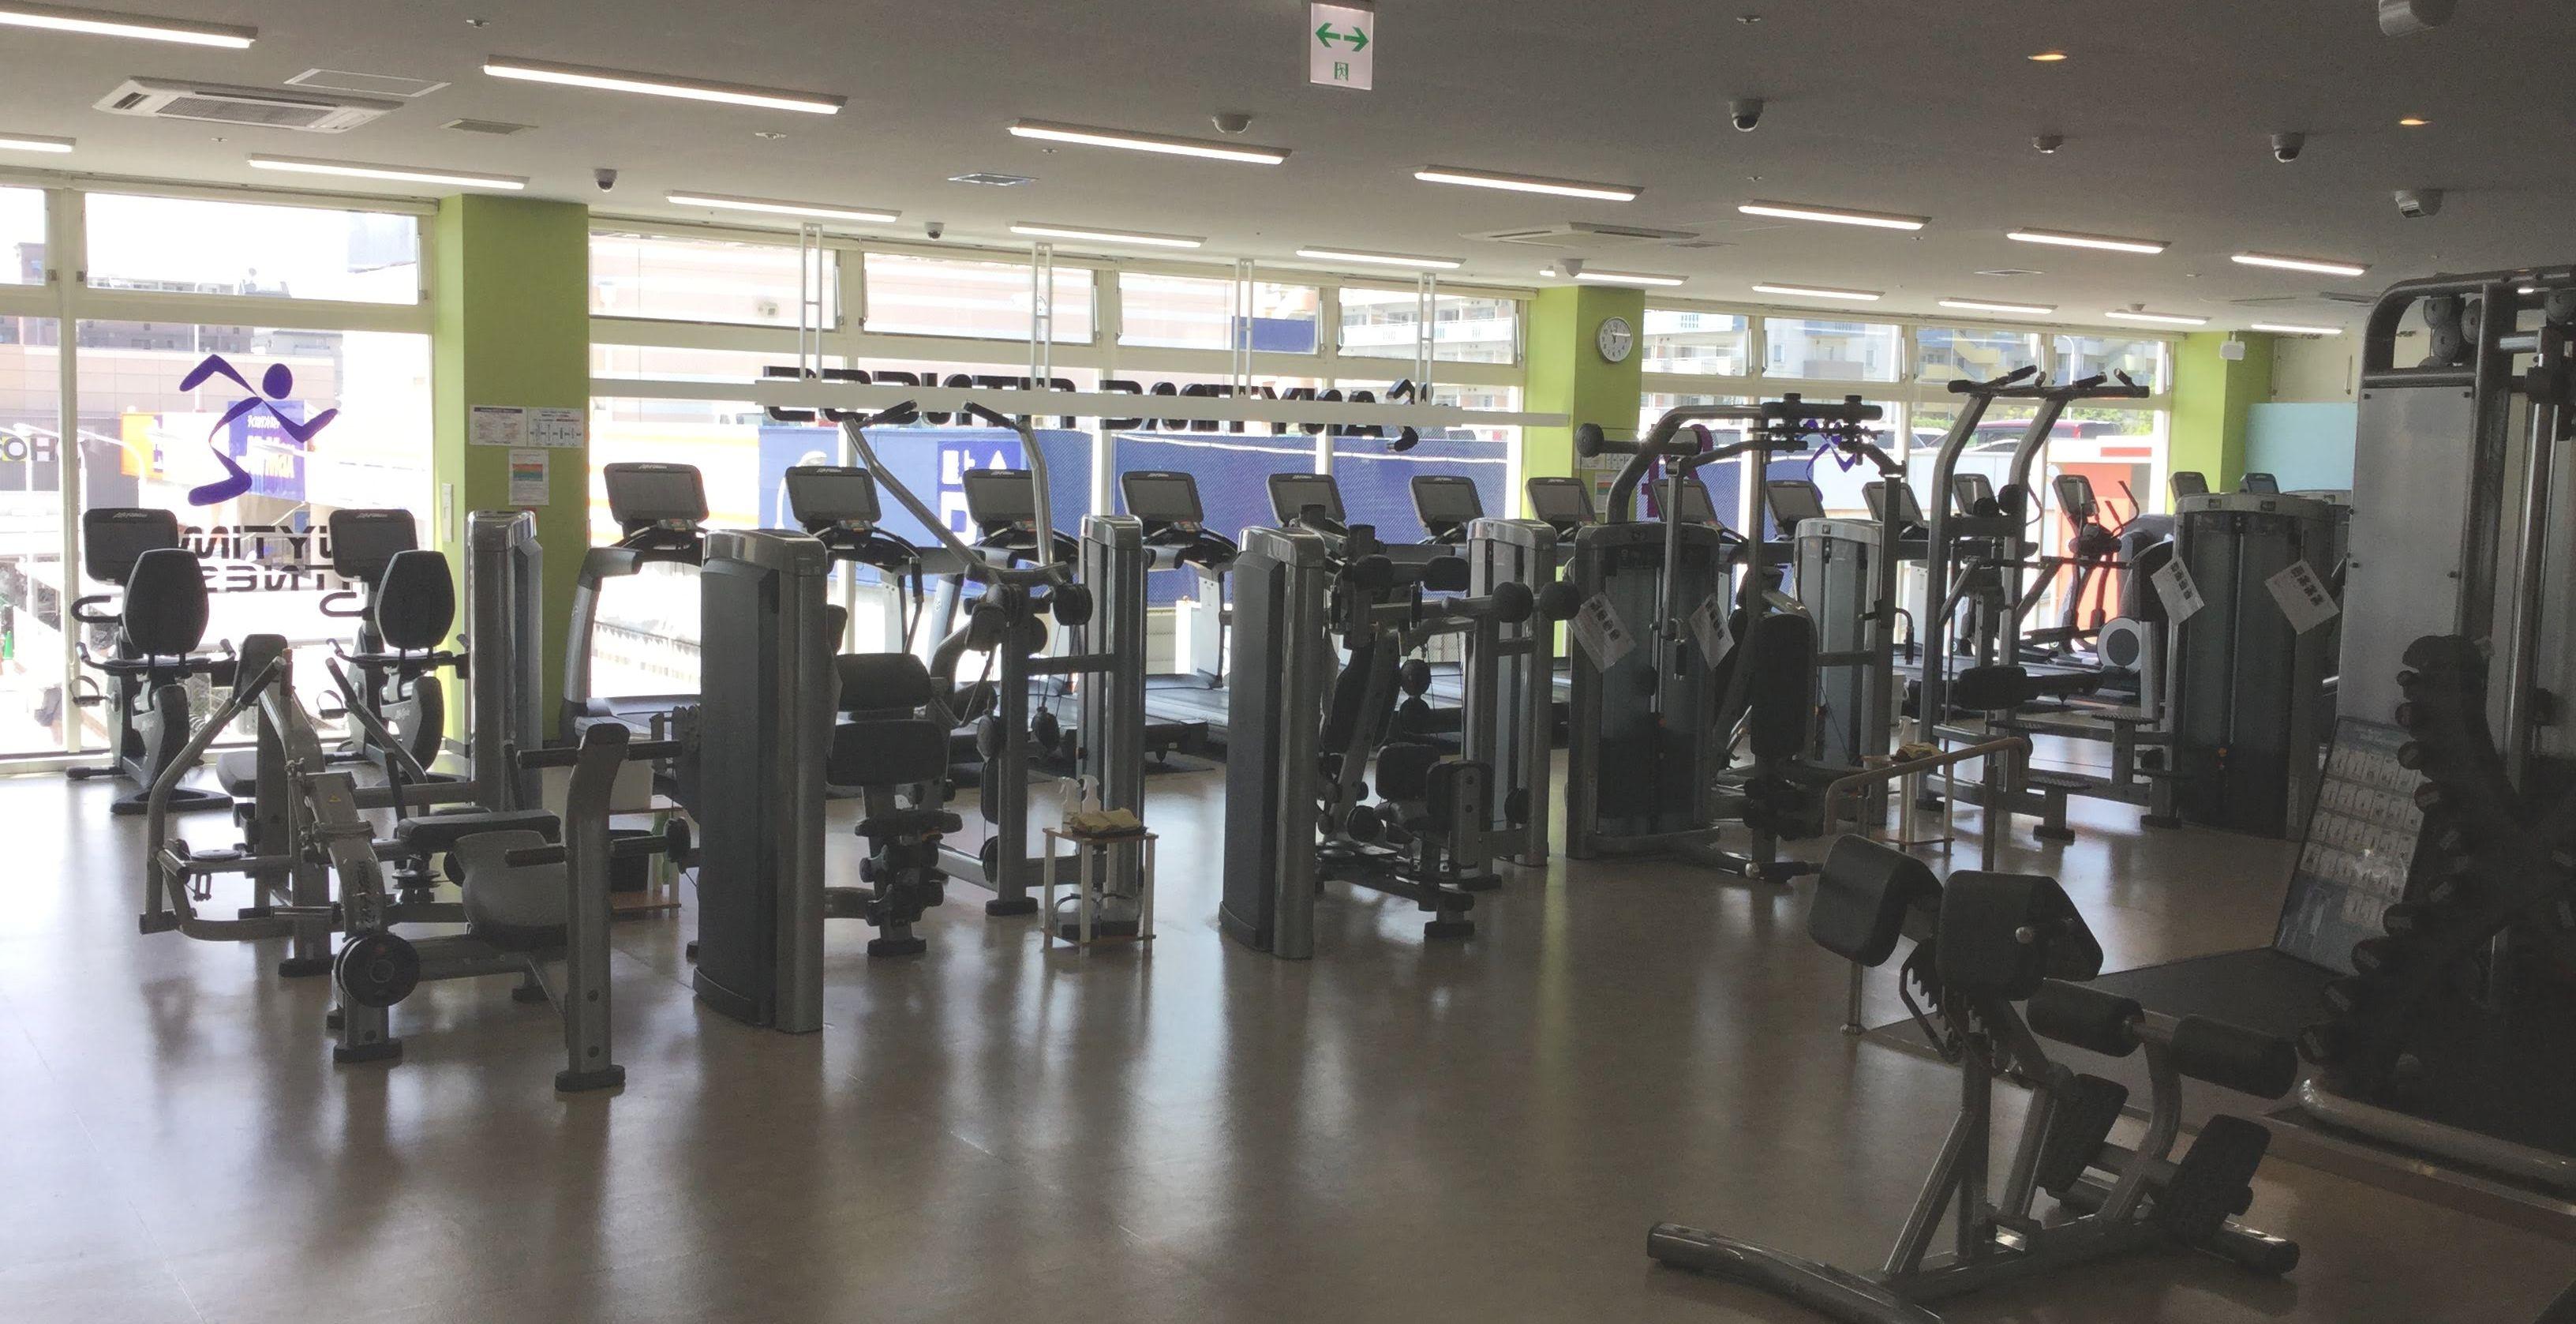 エニタイムフィットネス 姪浜 トレーニングマシン 全景